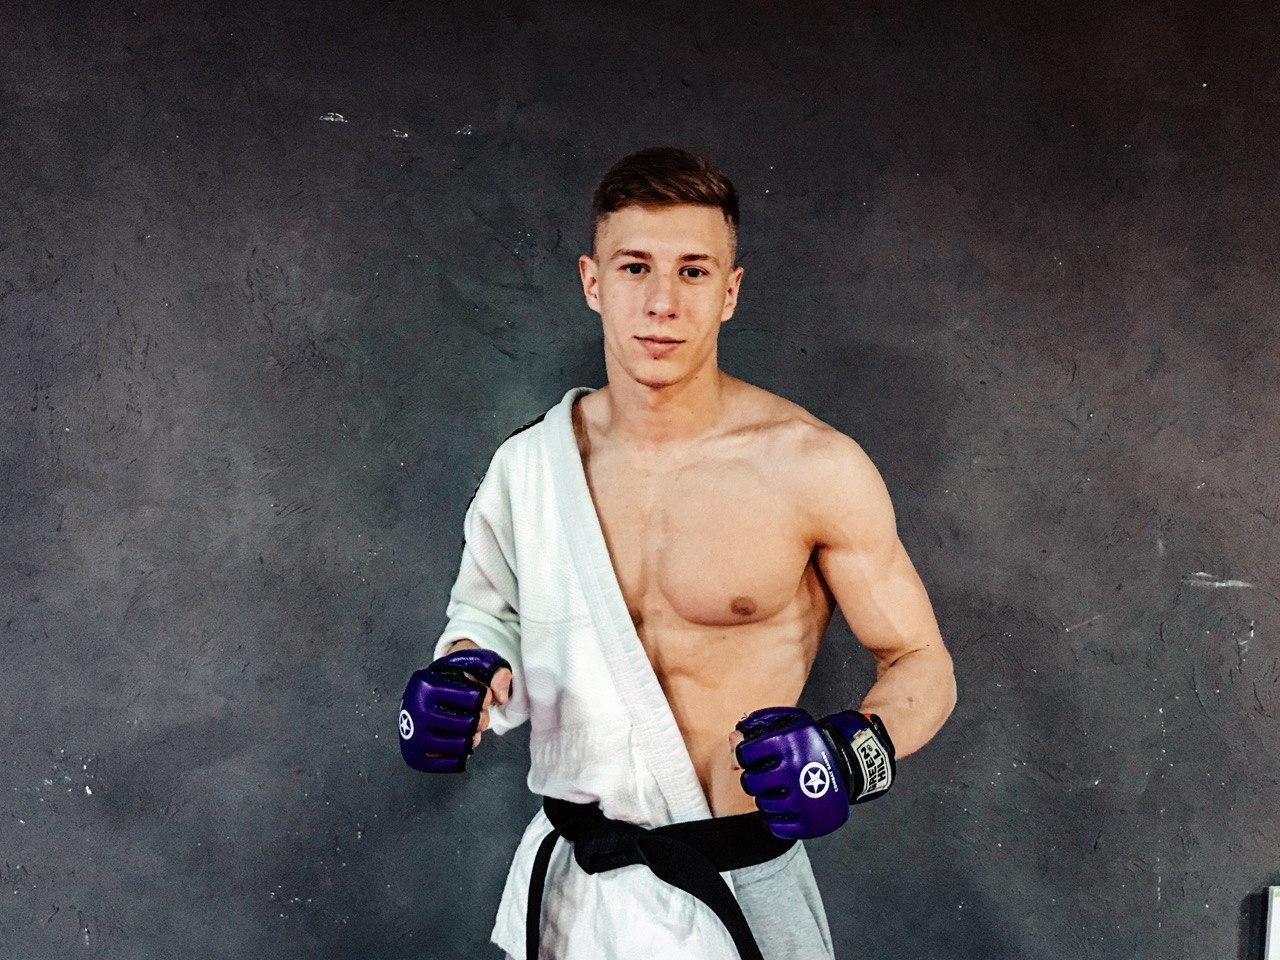 Лысенко Никита - тренер Spartabox по ММА